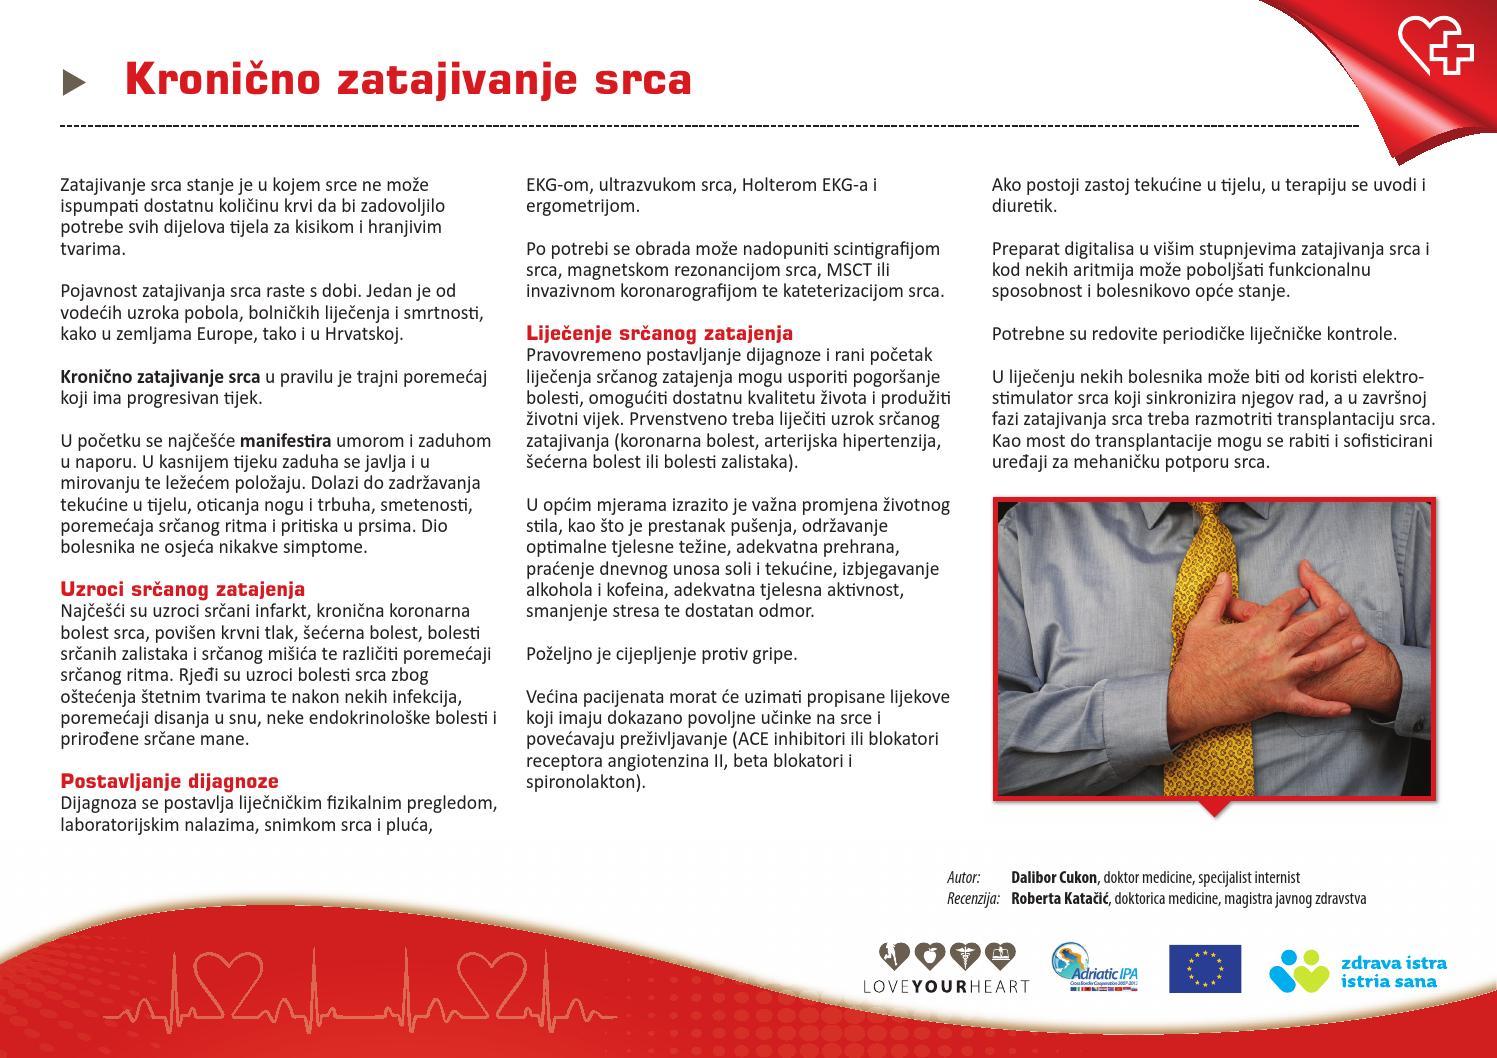 hipertenzija i liječenje bolesti koronarne srčane